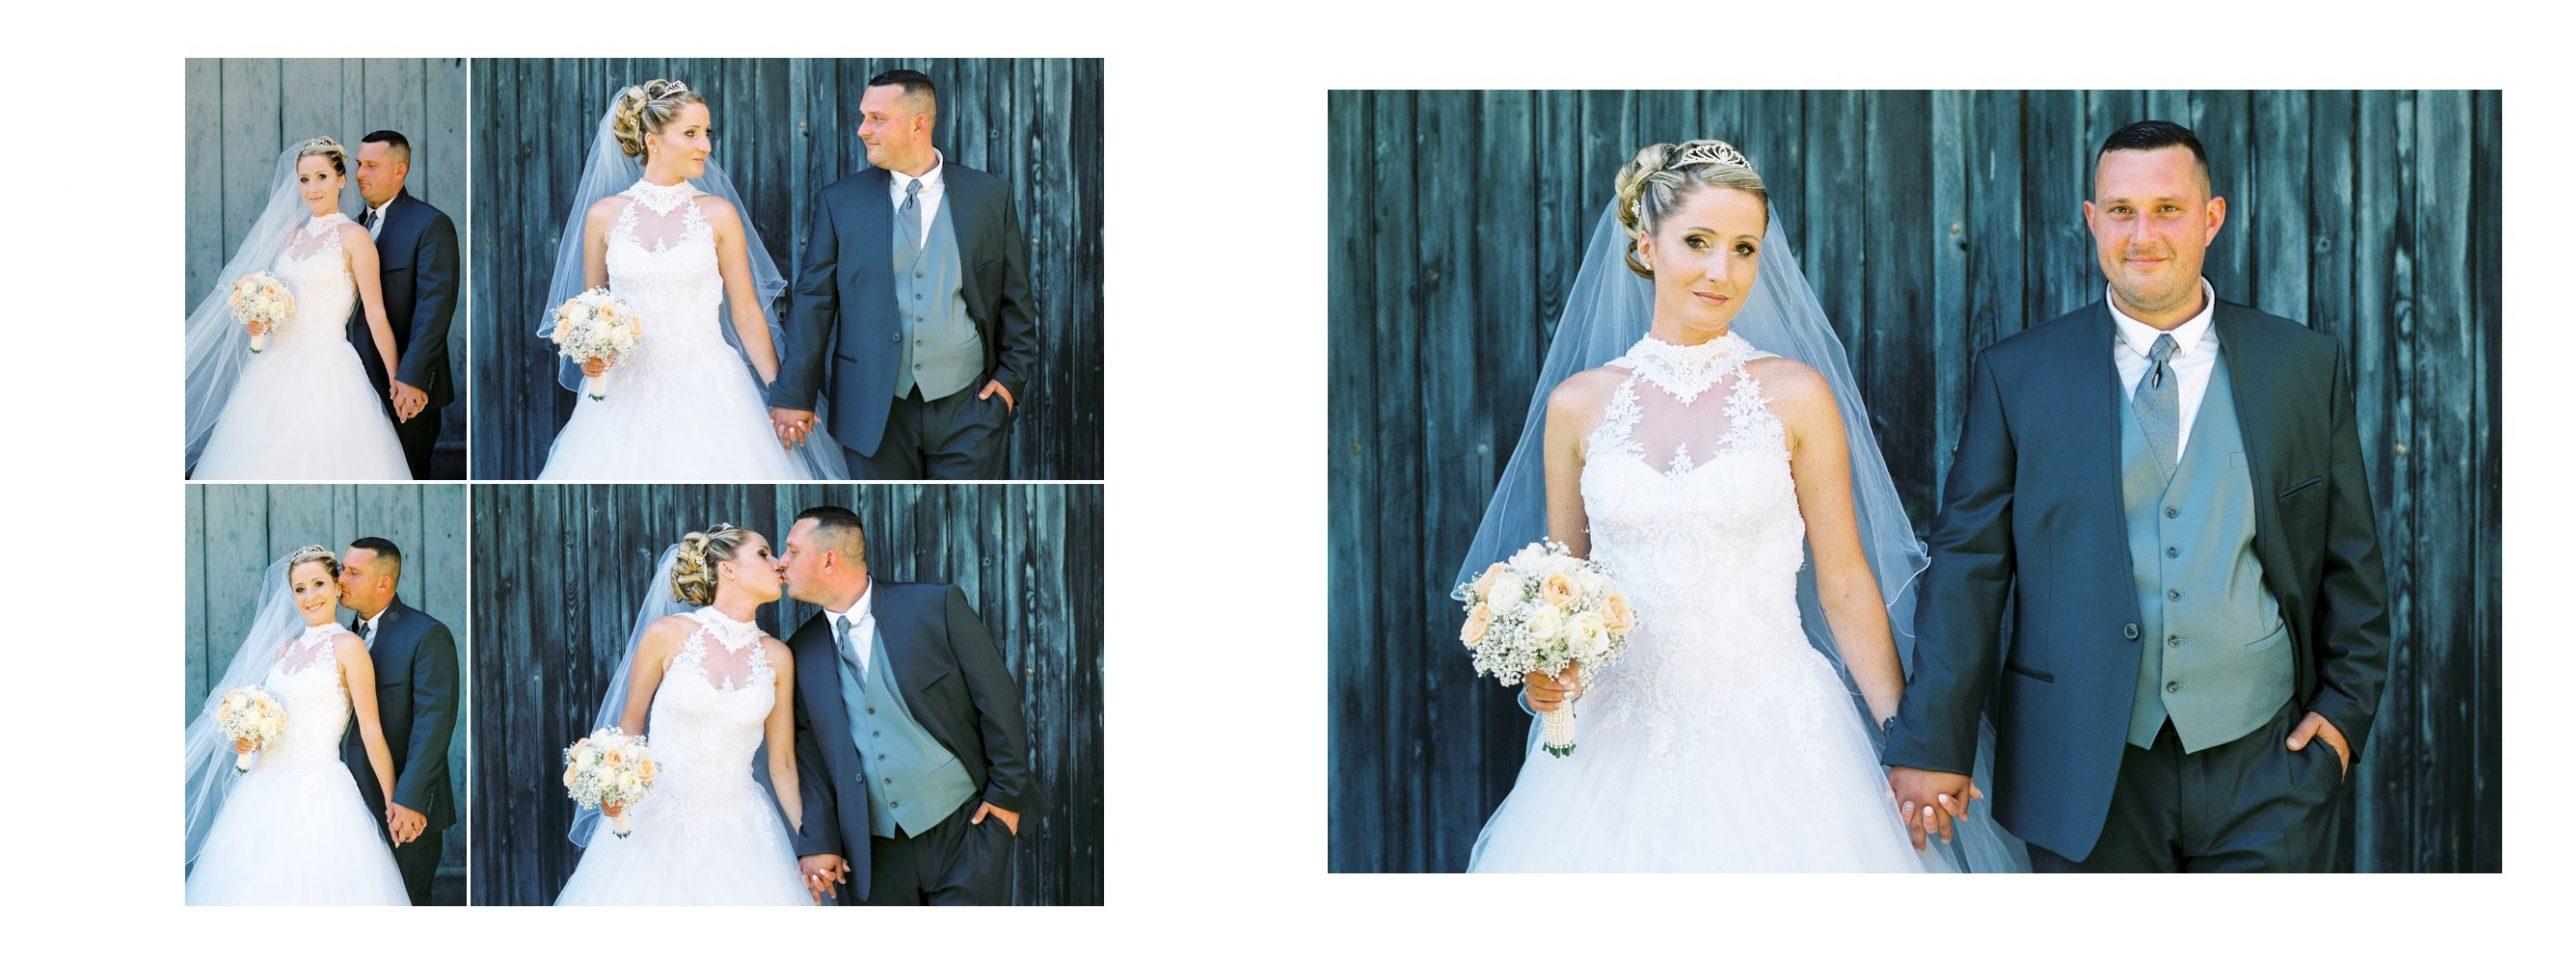 Photographe Nancy Toul Neufchateau mariage argentique scaled